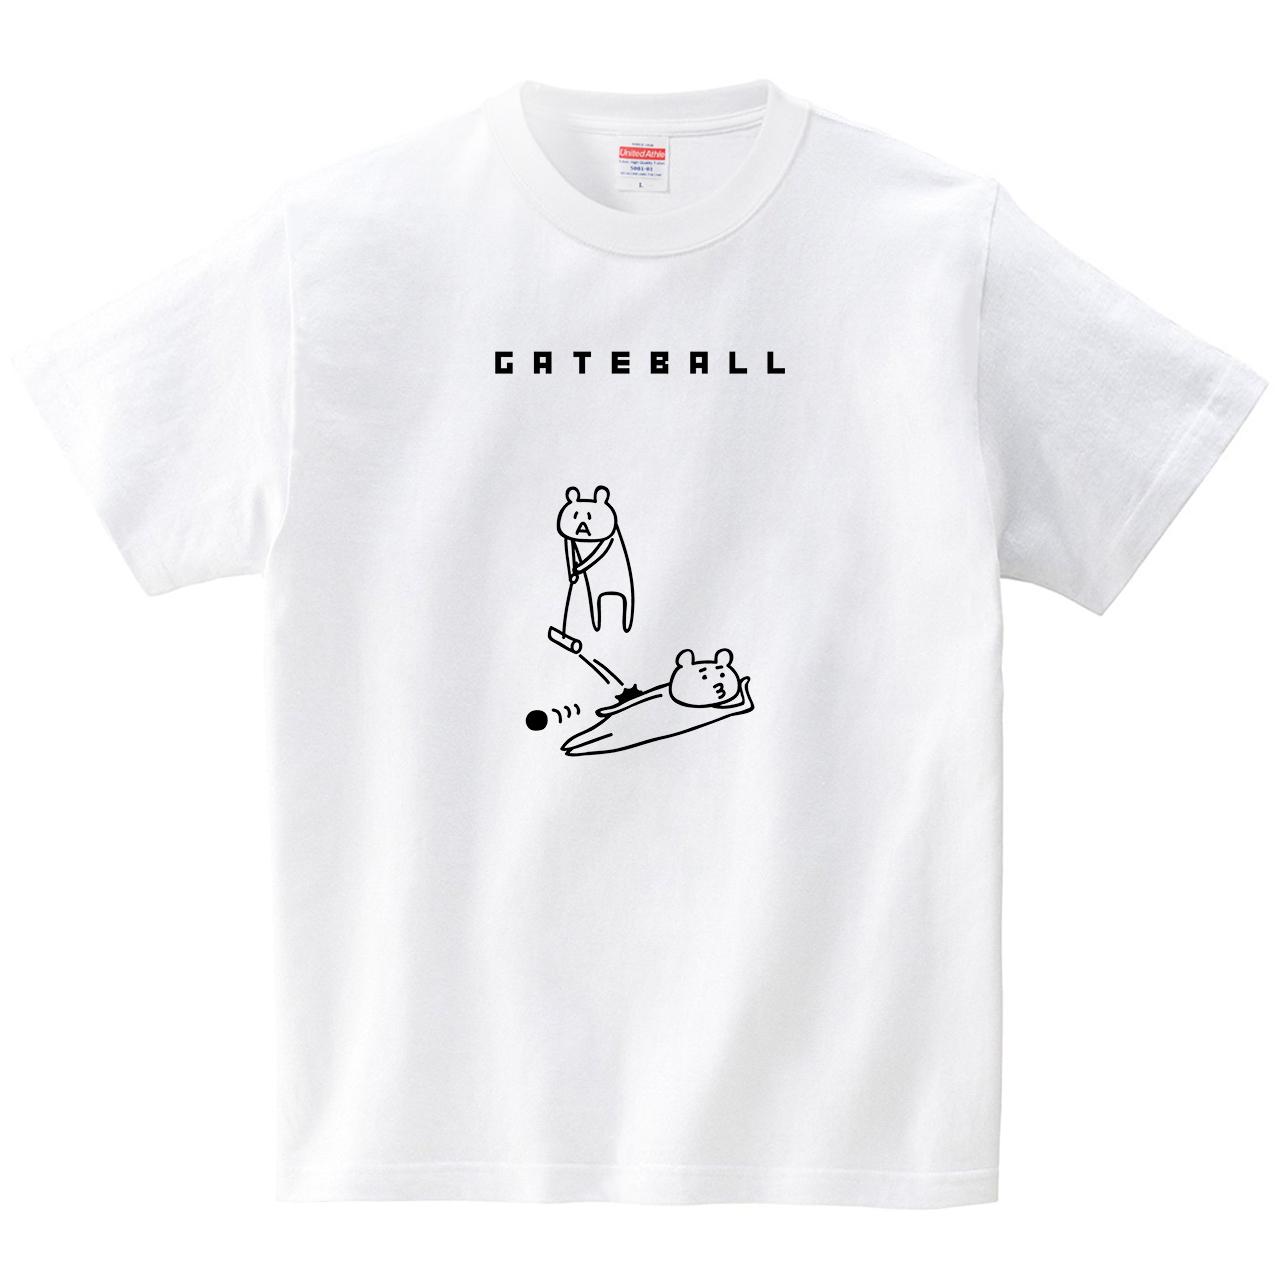 横になるクマとゲートボール(Tシャツ・ホワイト)(オワリ)